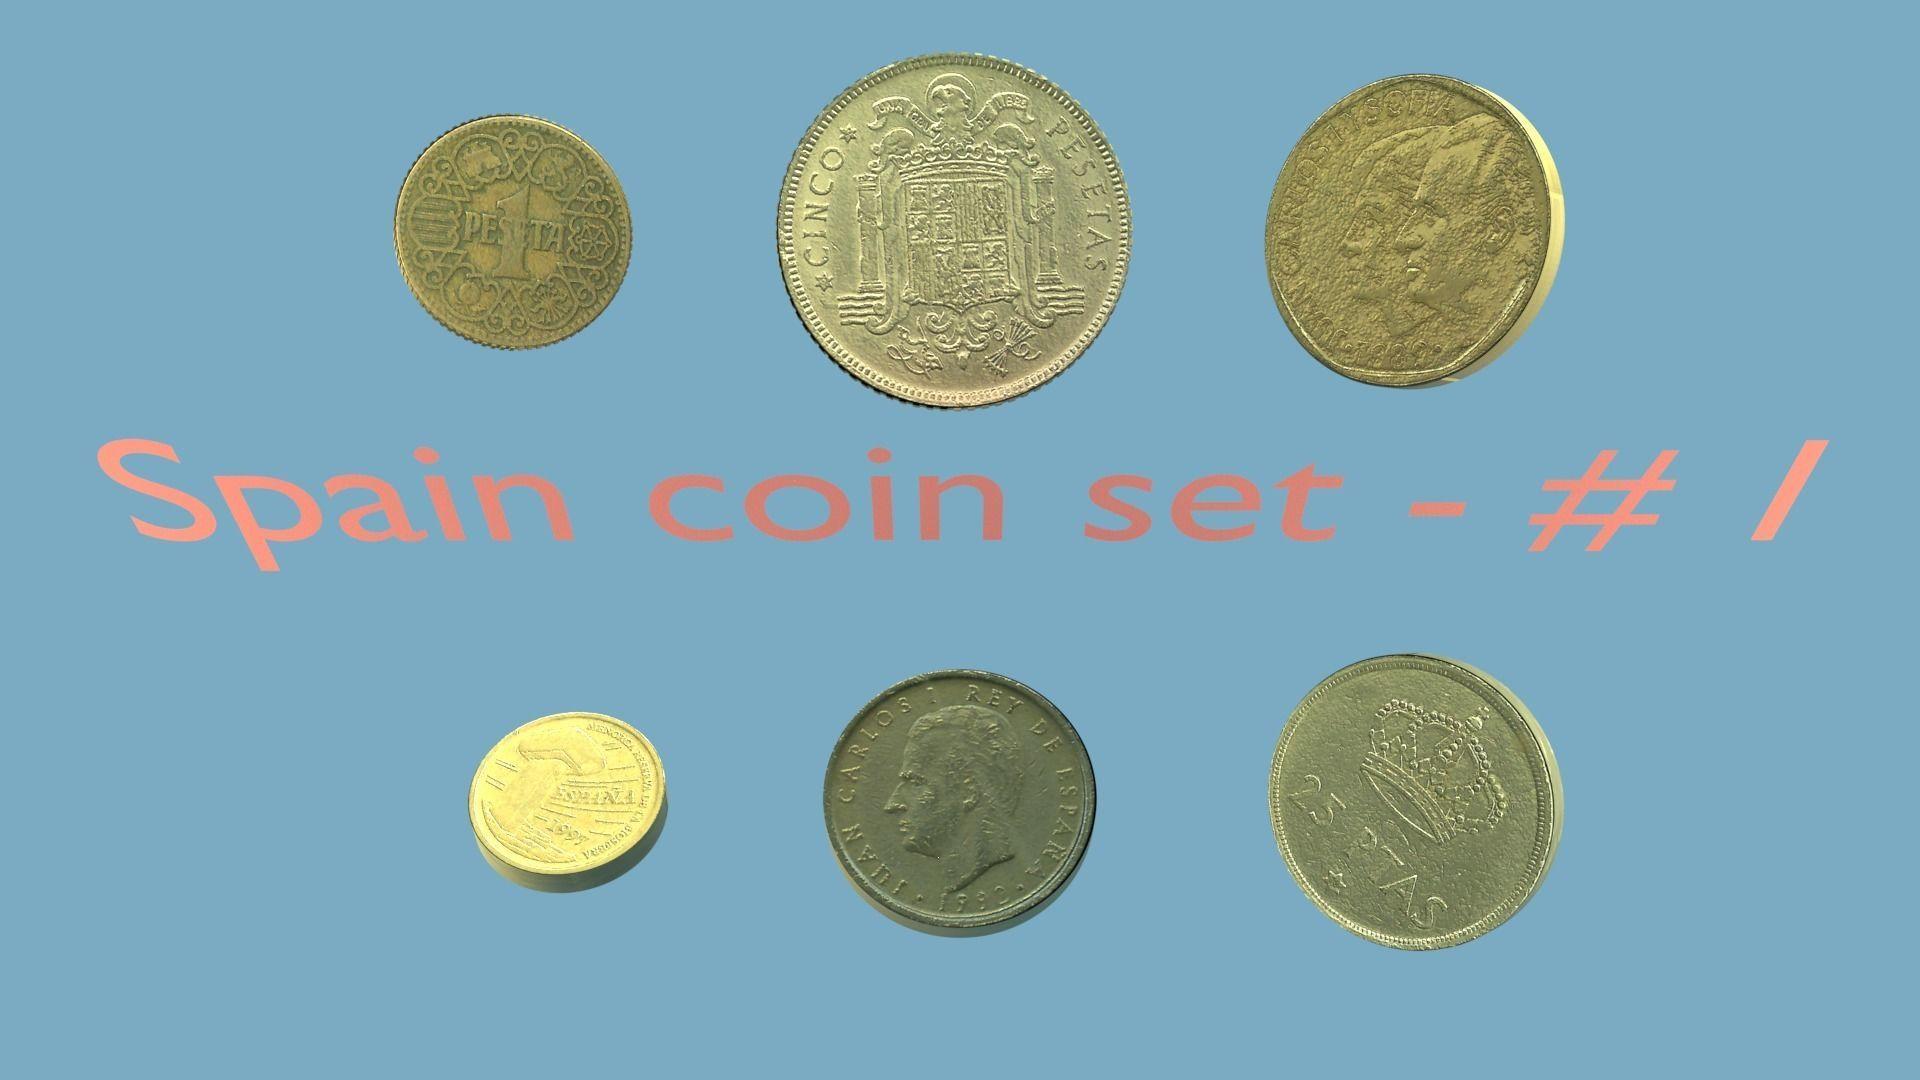 Spain coin set model - 1